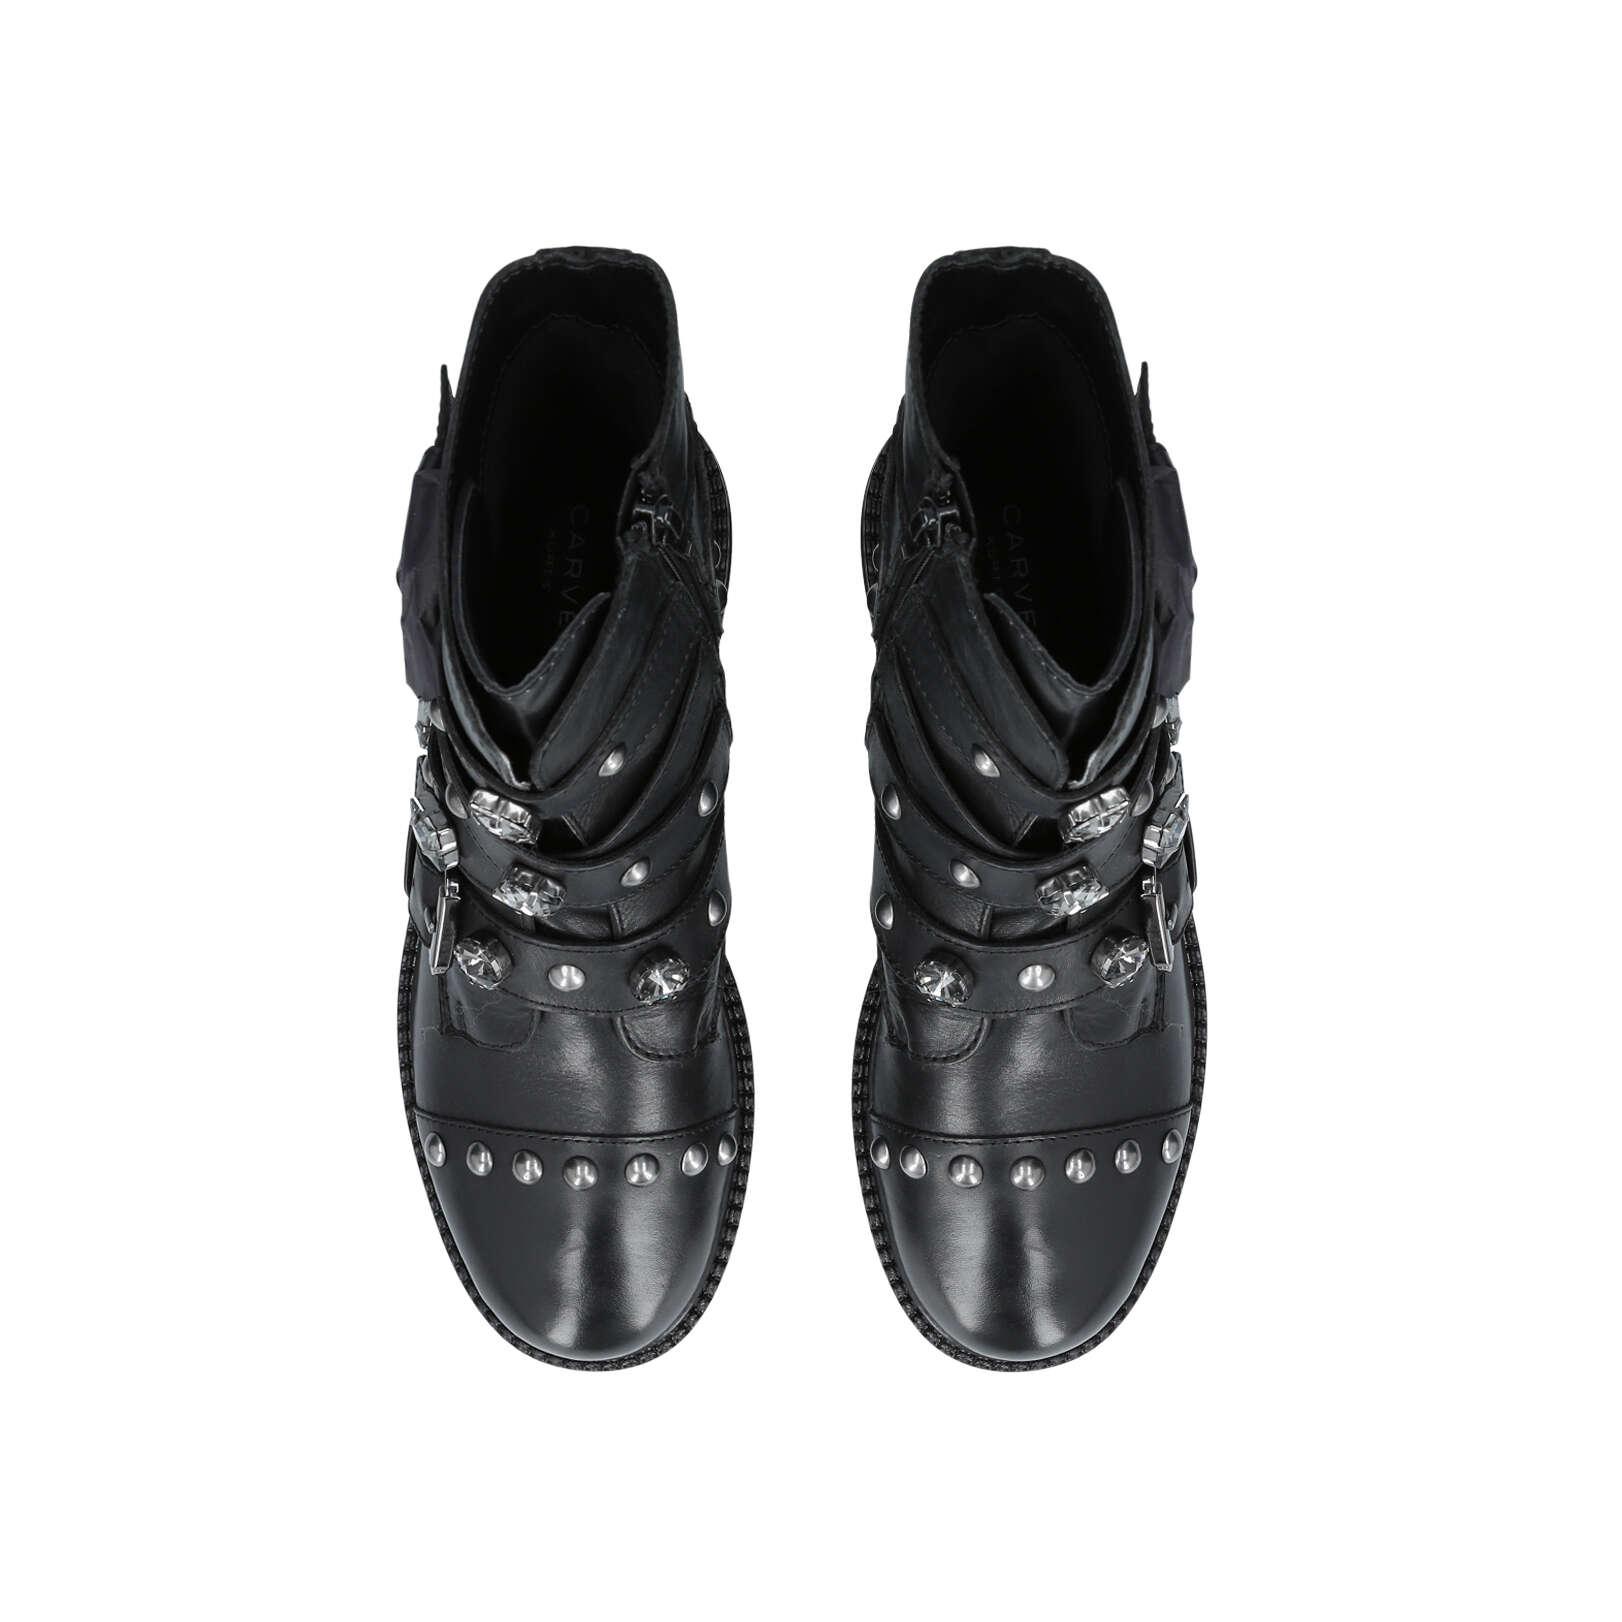 SANDER - CARVELA Ankle Boots